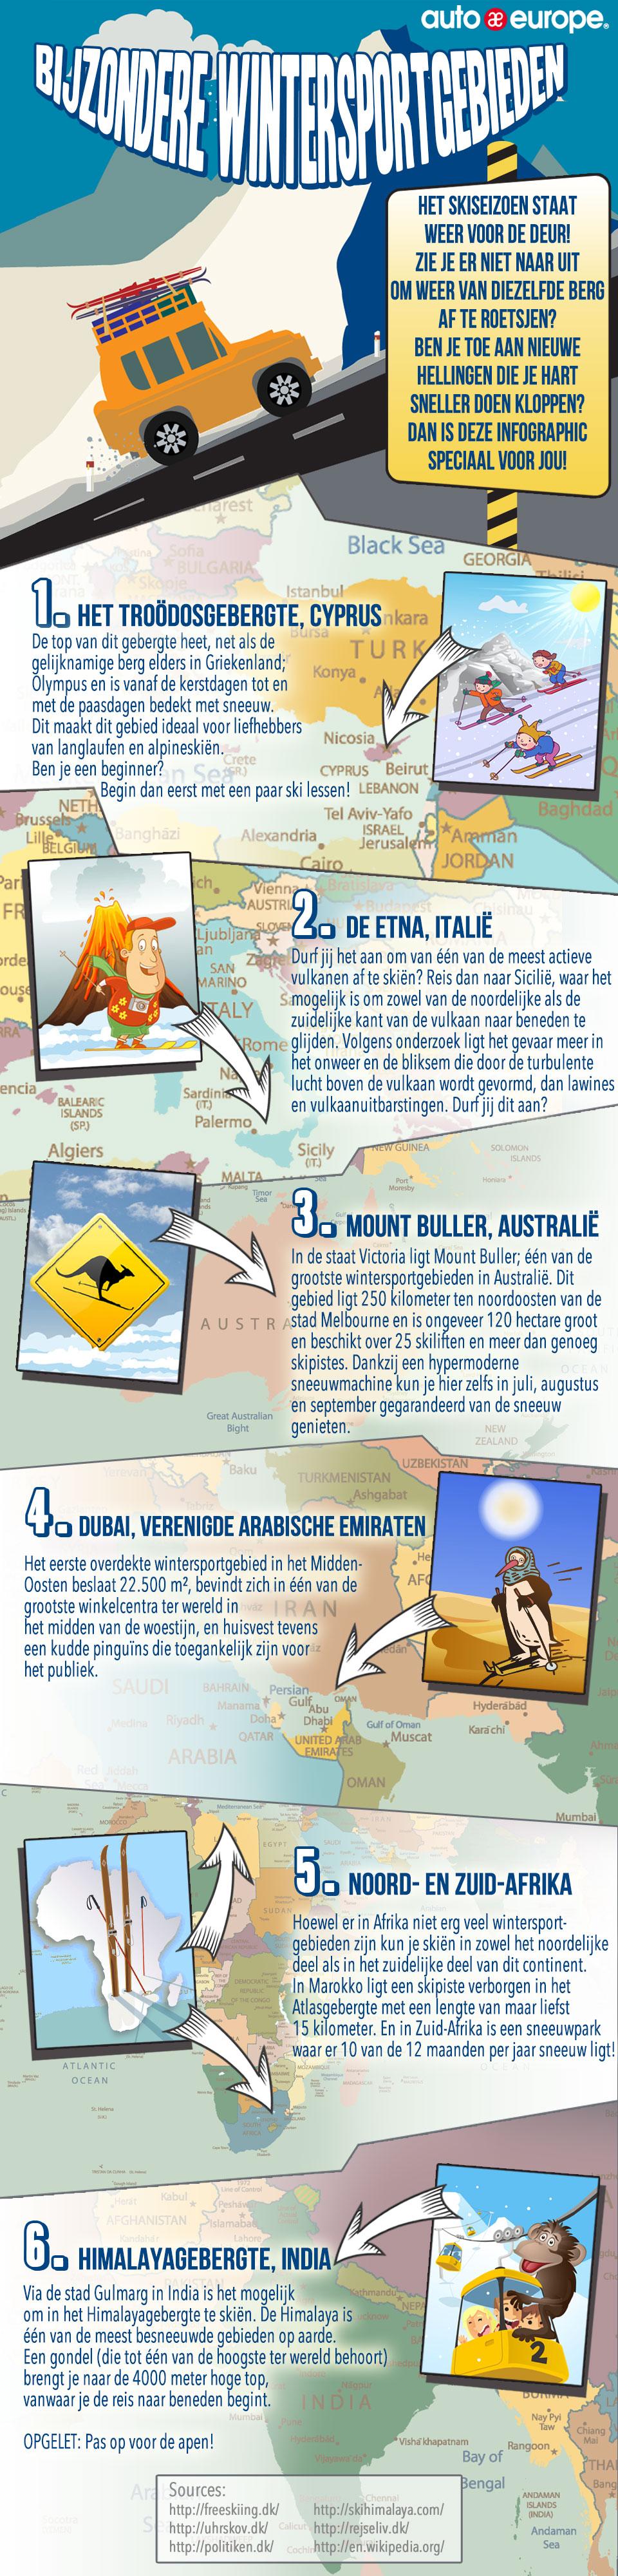 Infografía: Estaciones de esquí en lugares sorprendentes